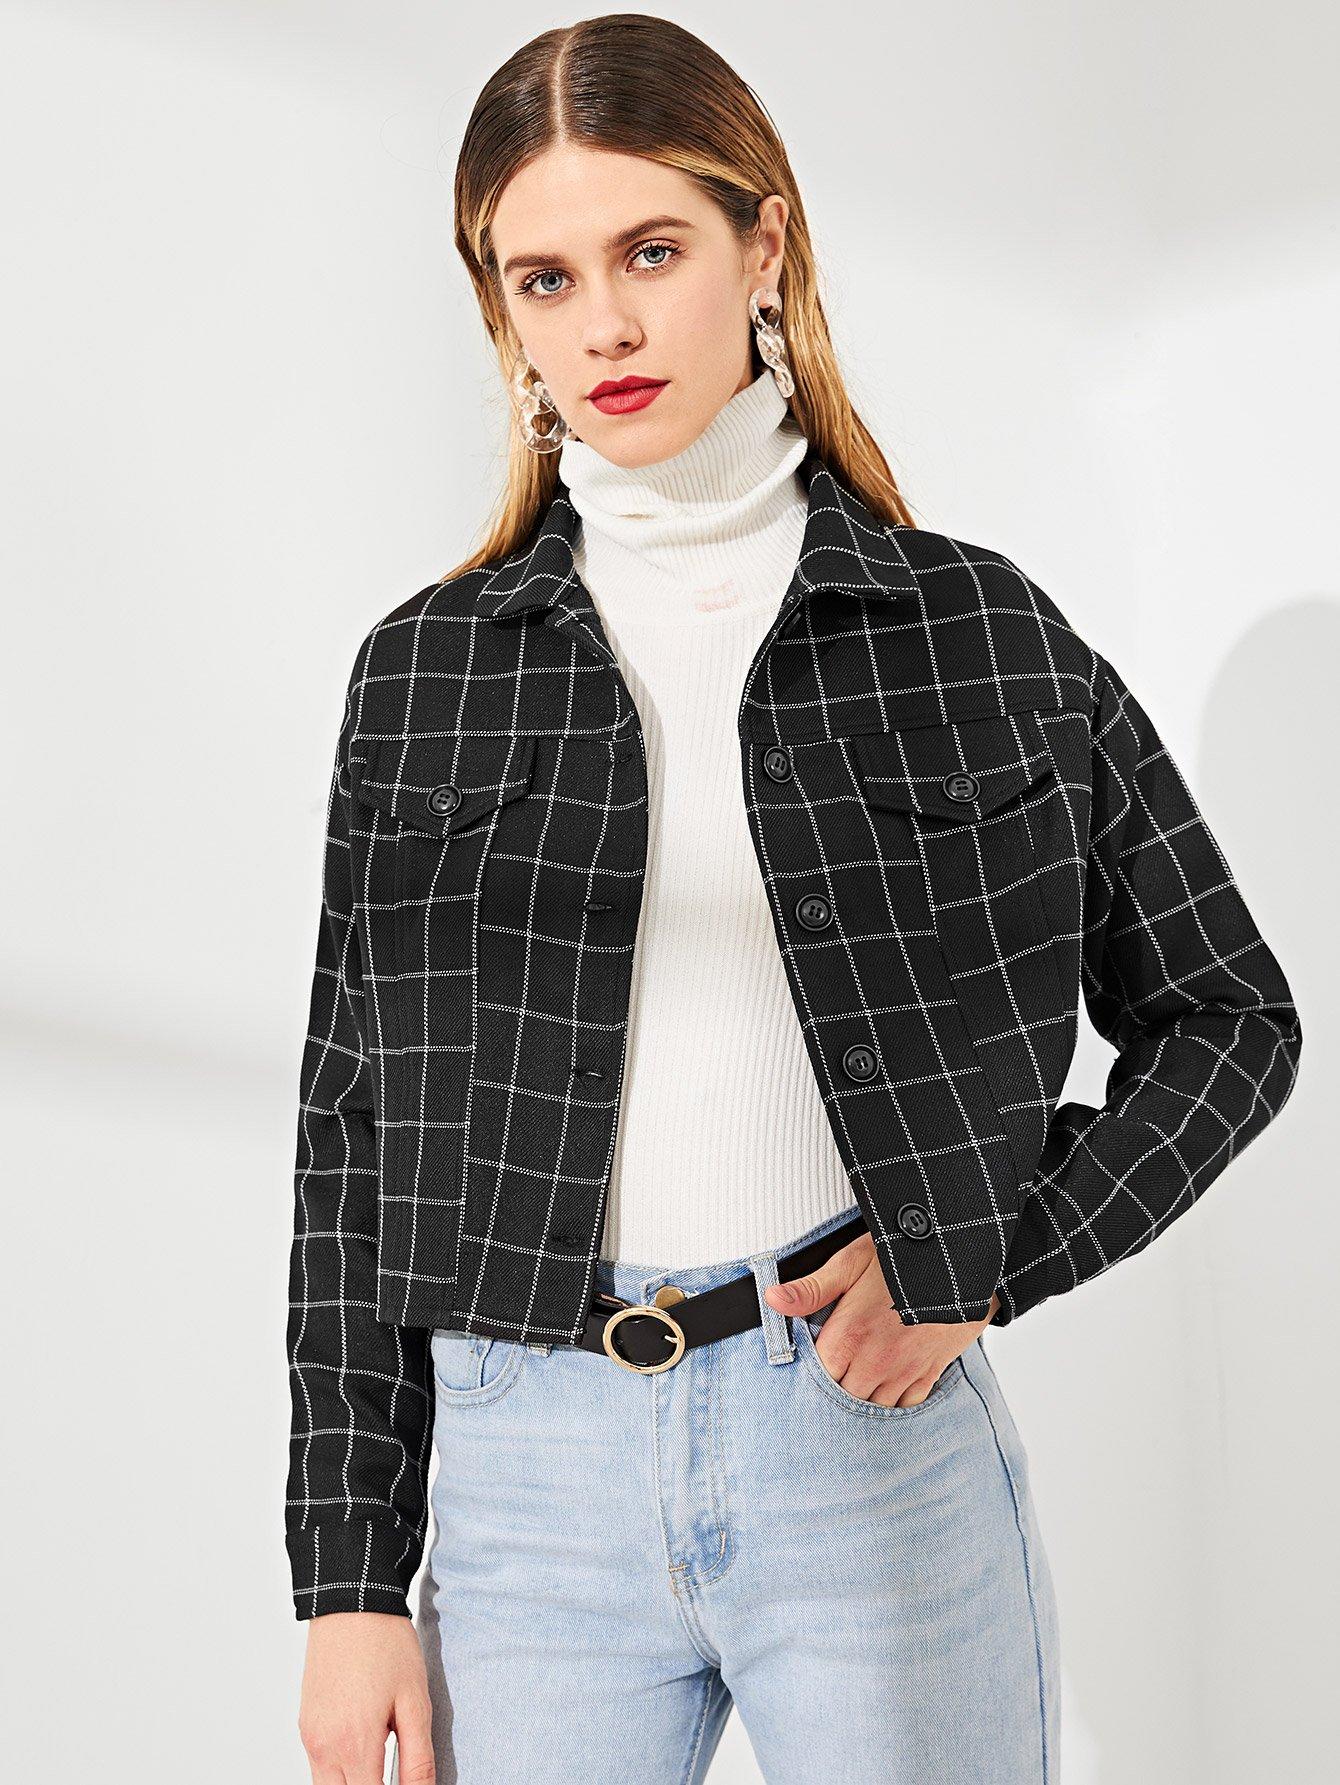 Купить Пальто в клетку с украшением пуговицы и кармана, Victoriab, SheIn